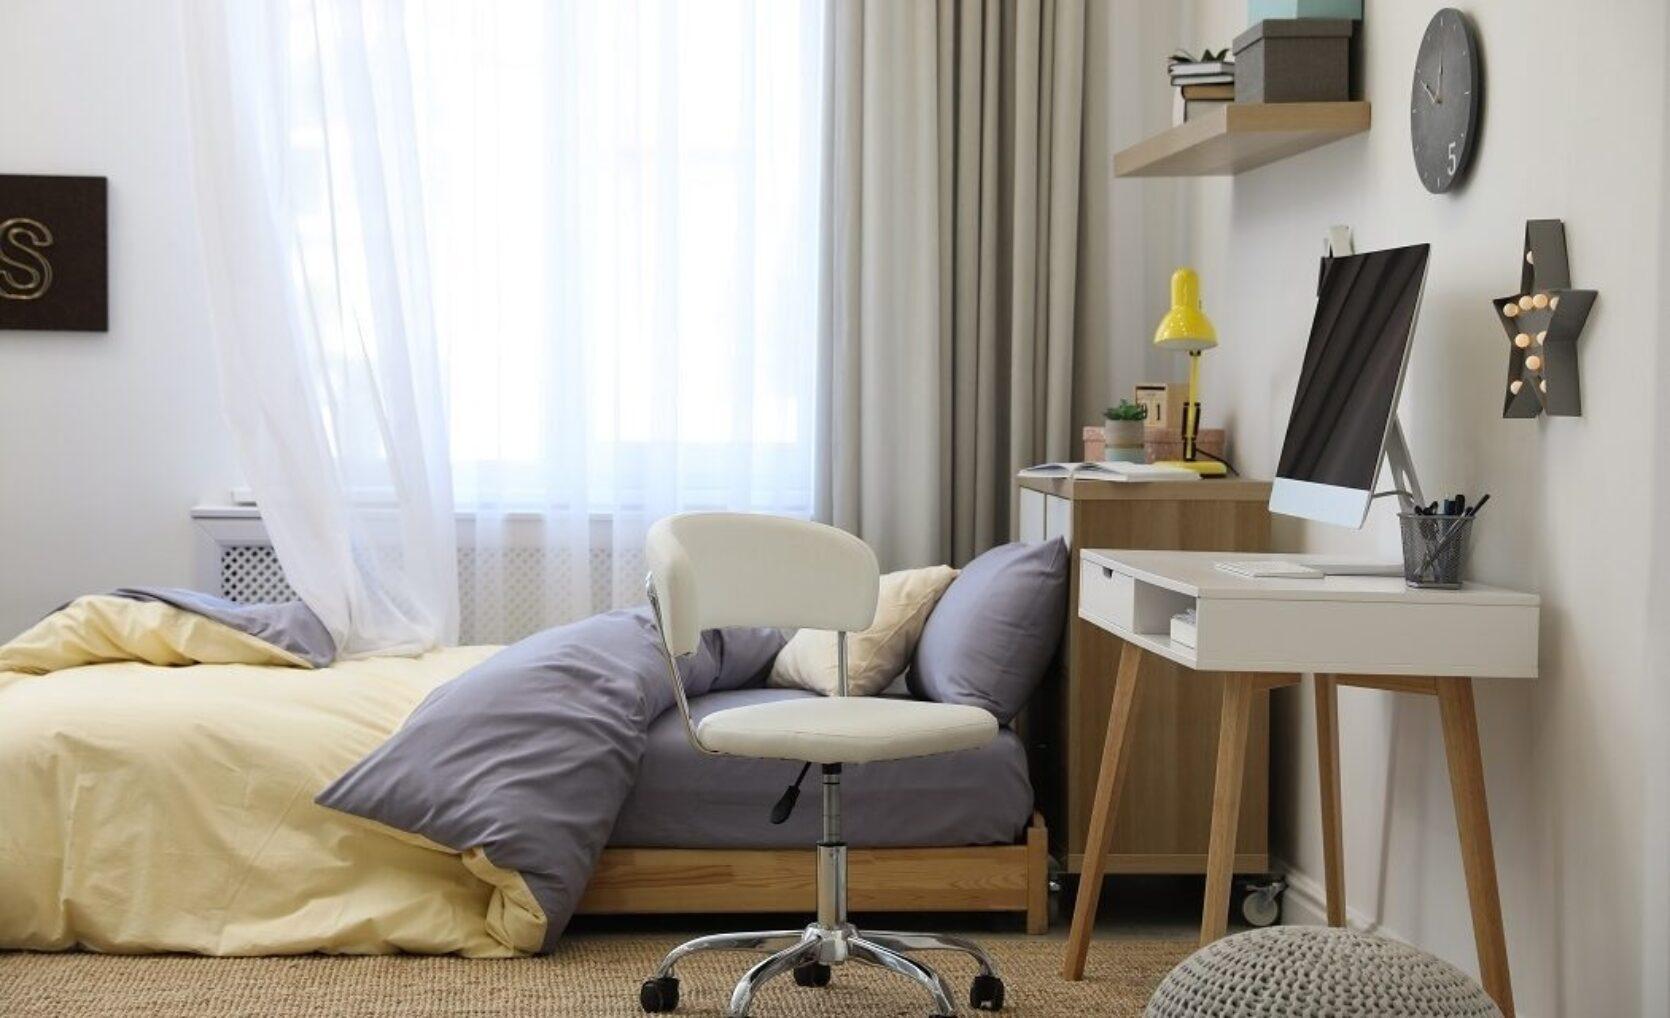 Hybel-soverom med kontorplass, lav seng og lyse farger